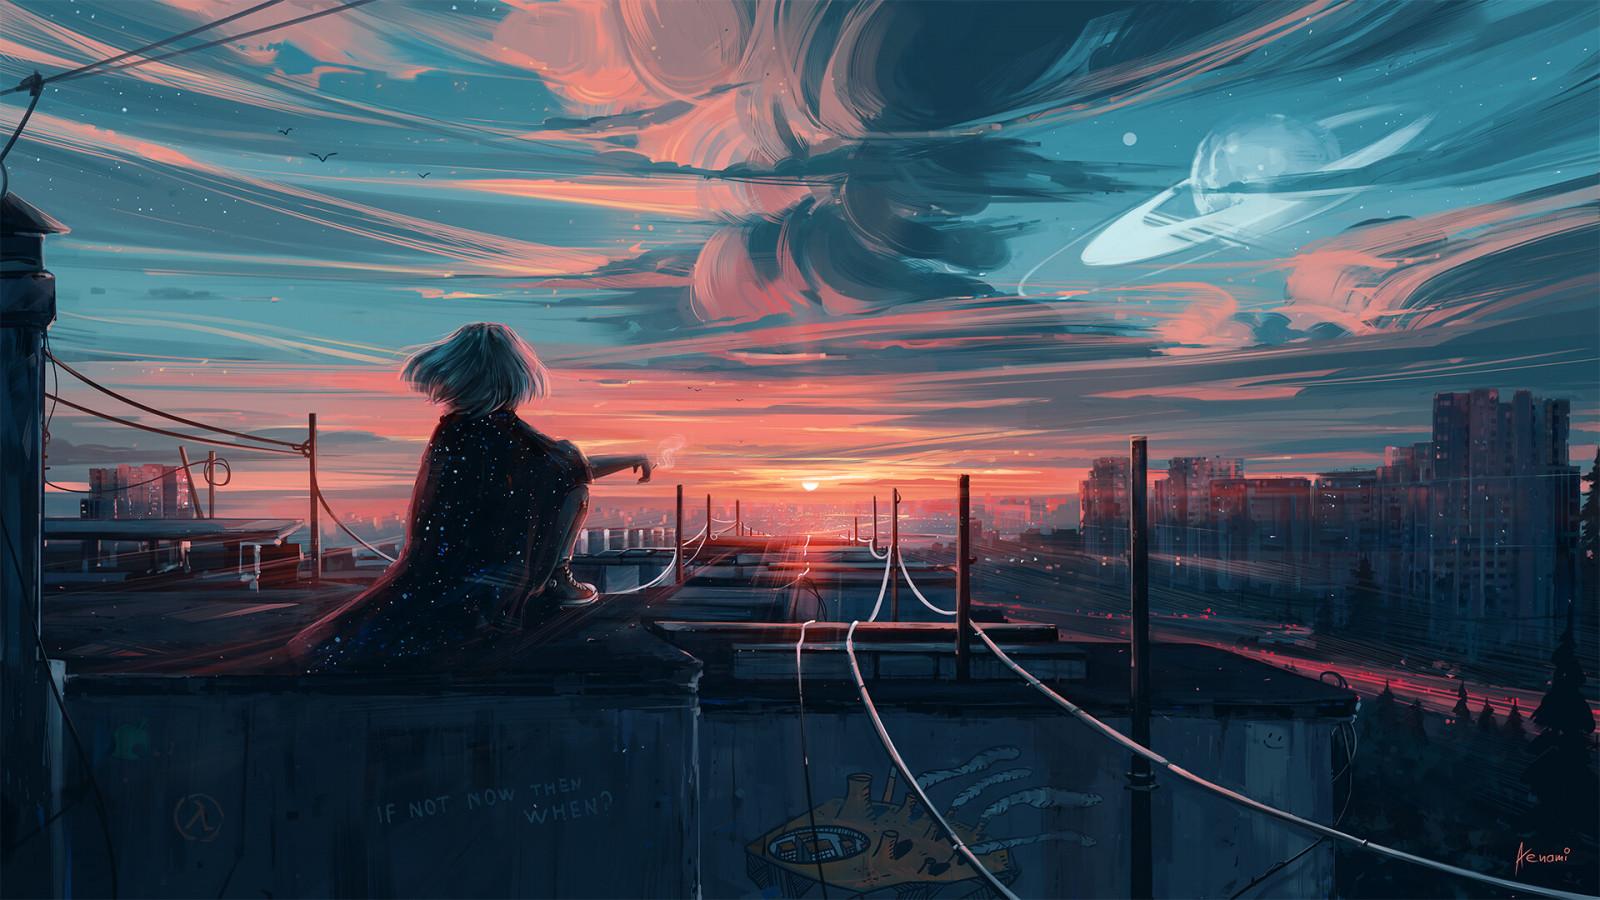 arte digital, Obra de arte, Aenami, ciudad, Paisaje urbano, puesta de sol, cielo, líneas eléctricas, Nubes, luz de sol, horizonte, planeta